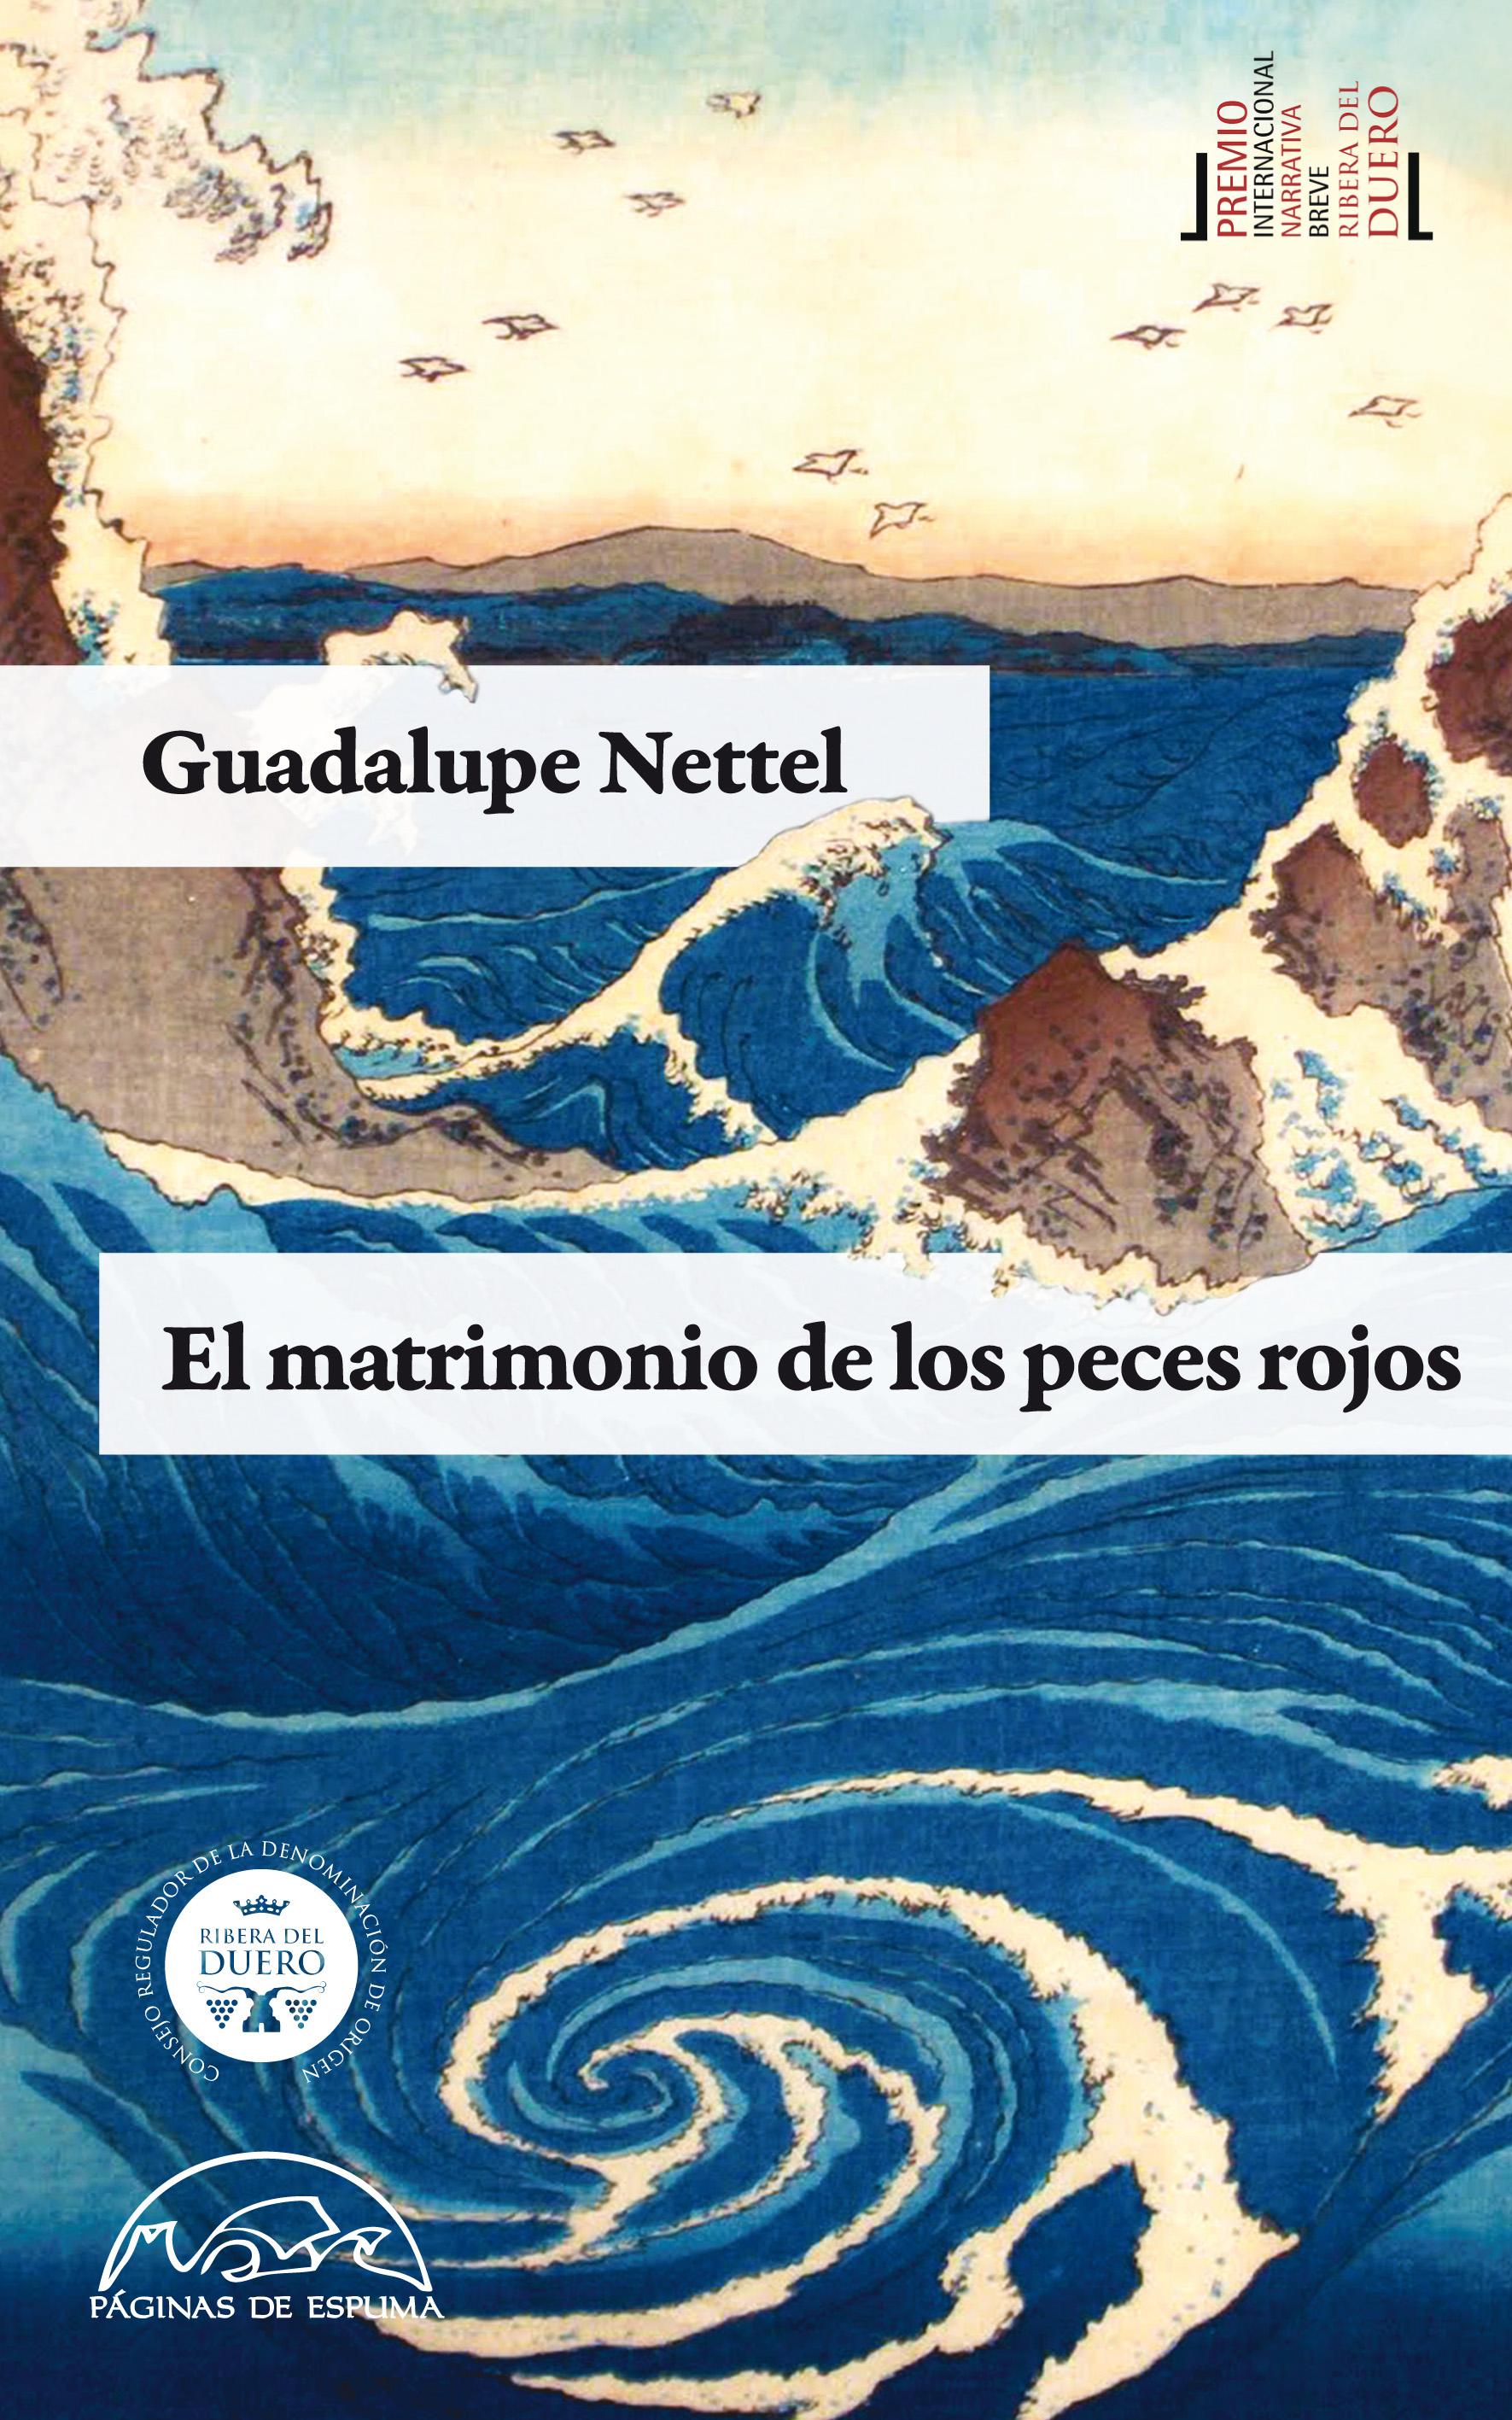 El matrimonio de los peces rojos de Guadalupe Nettel